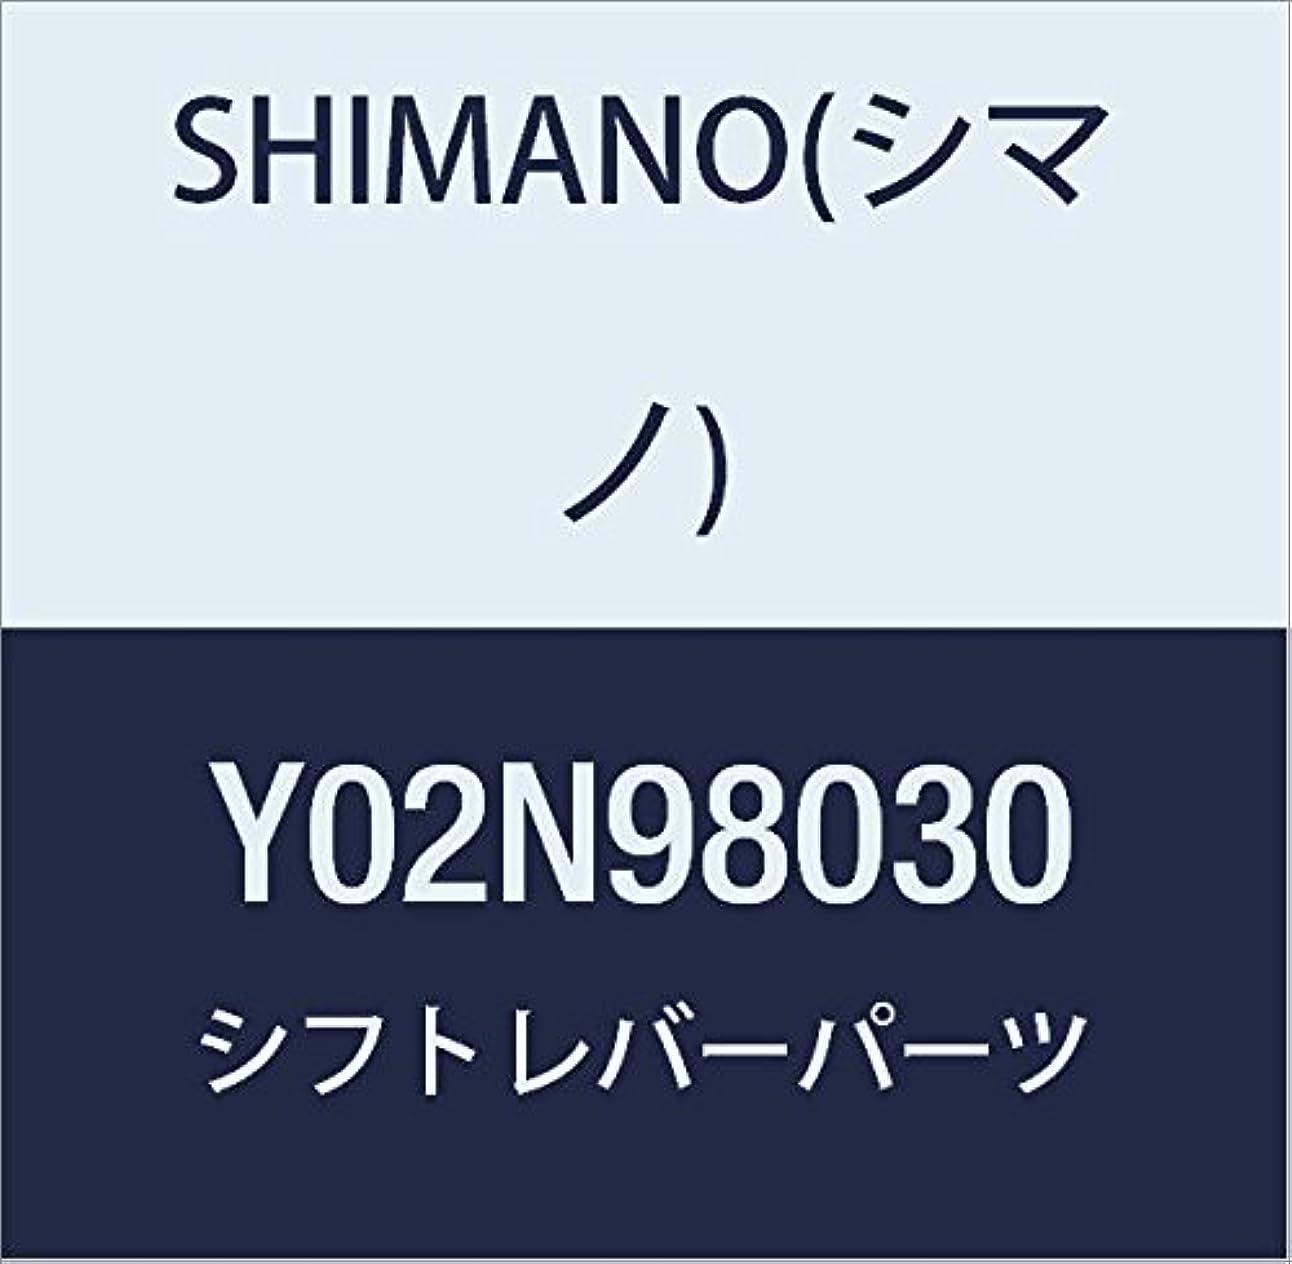 士気通路ちらつきSHIMANO(シマノ) ST-4703 ブラケットクミ L Y02N98030